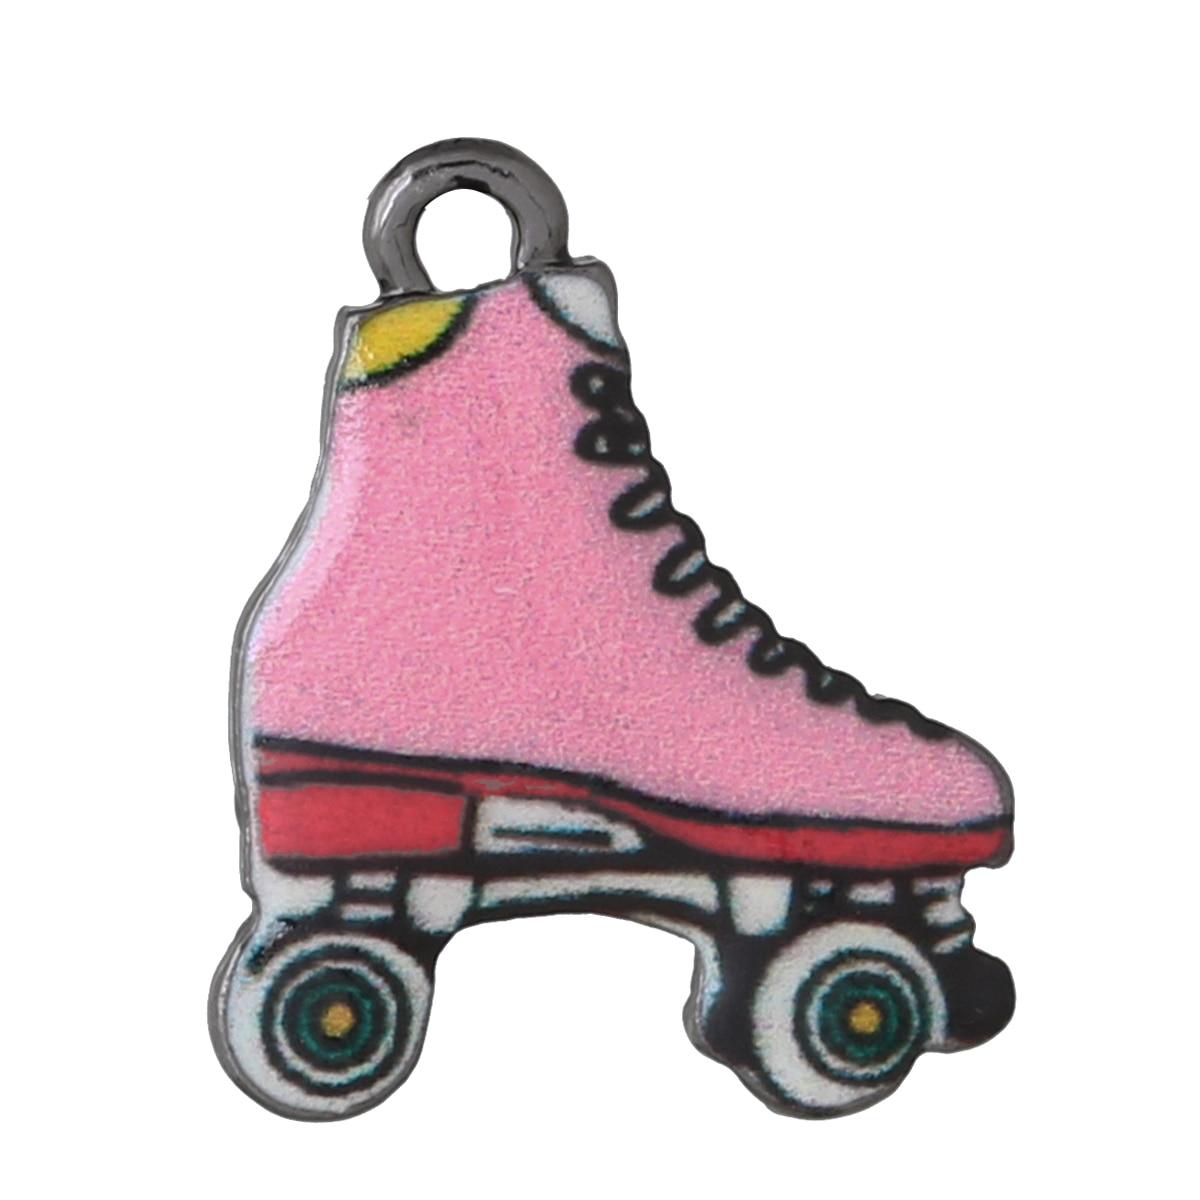 Roller skates buy nz - Doreenbeads Charm Pendants Roller Skates Gunmetal Multicolor Enamel 20mm 6 8 X